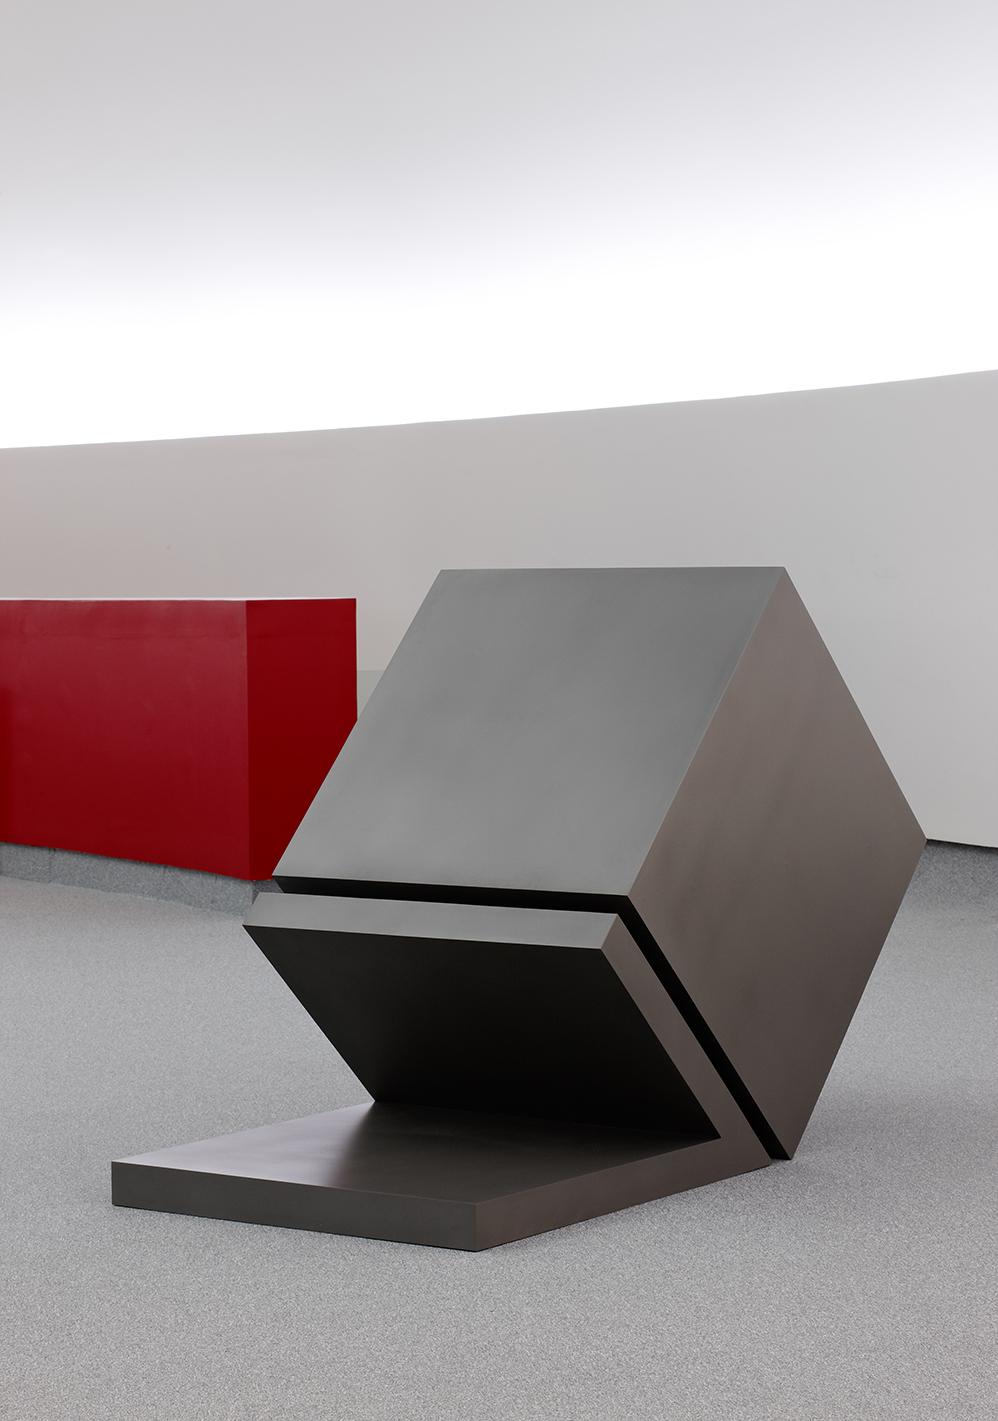 <strong>Herminio</strong> I62 (2003) Acero, Campos Magnéticos, 142 x 210 x 100cm